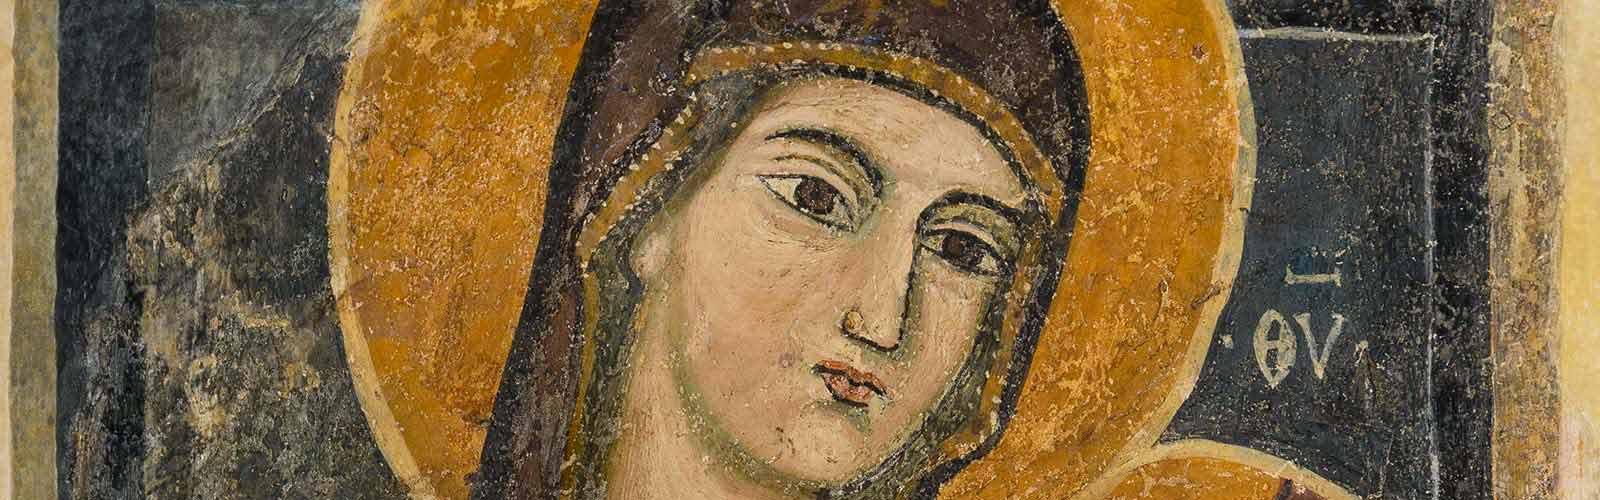 affreschi basso medievali chiesa di casaranello